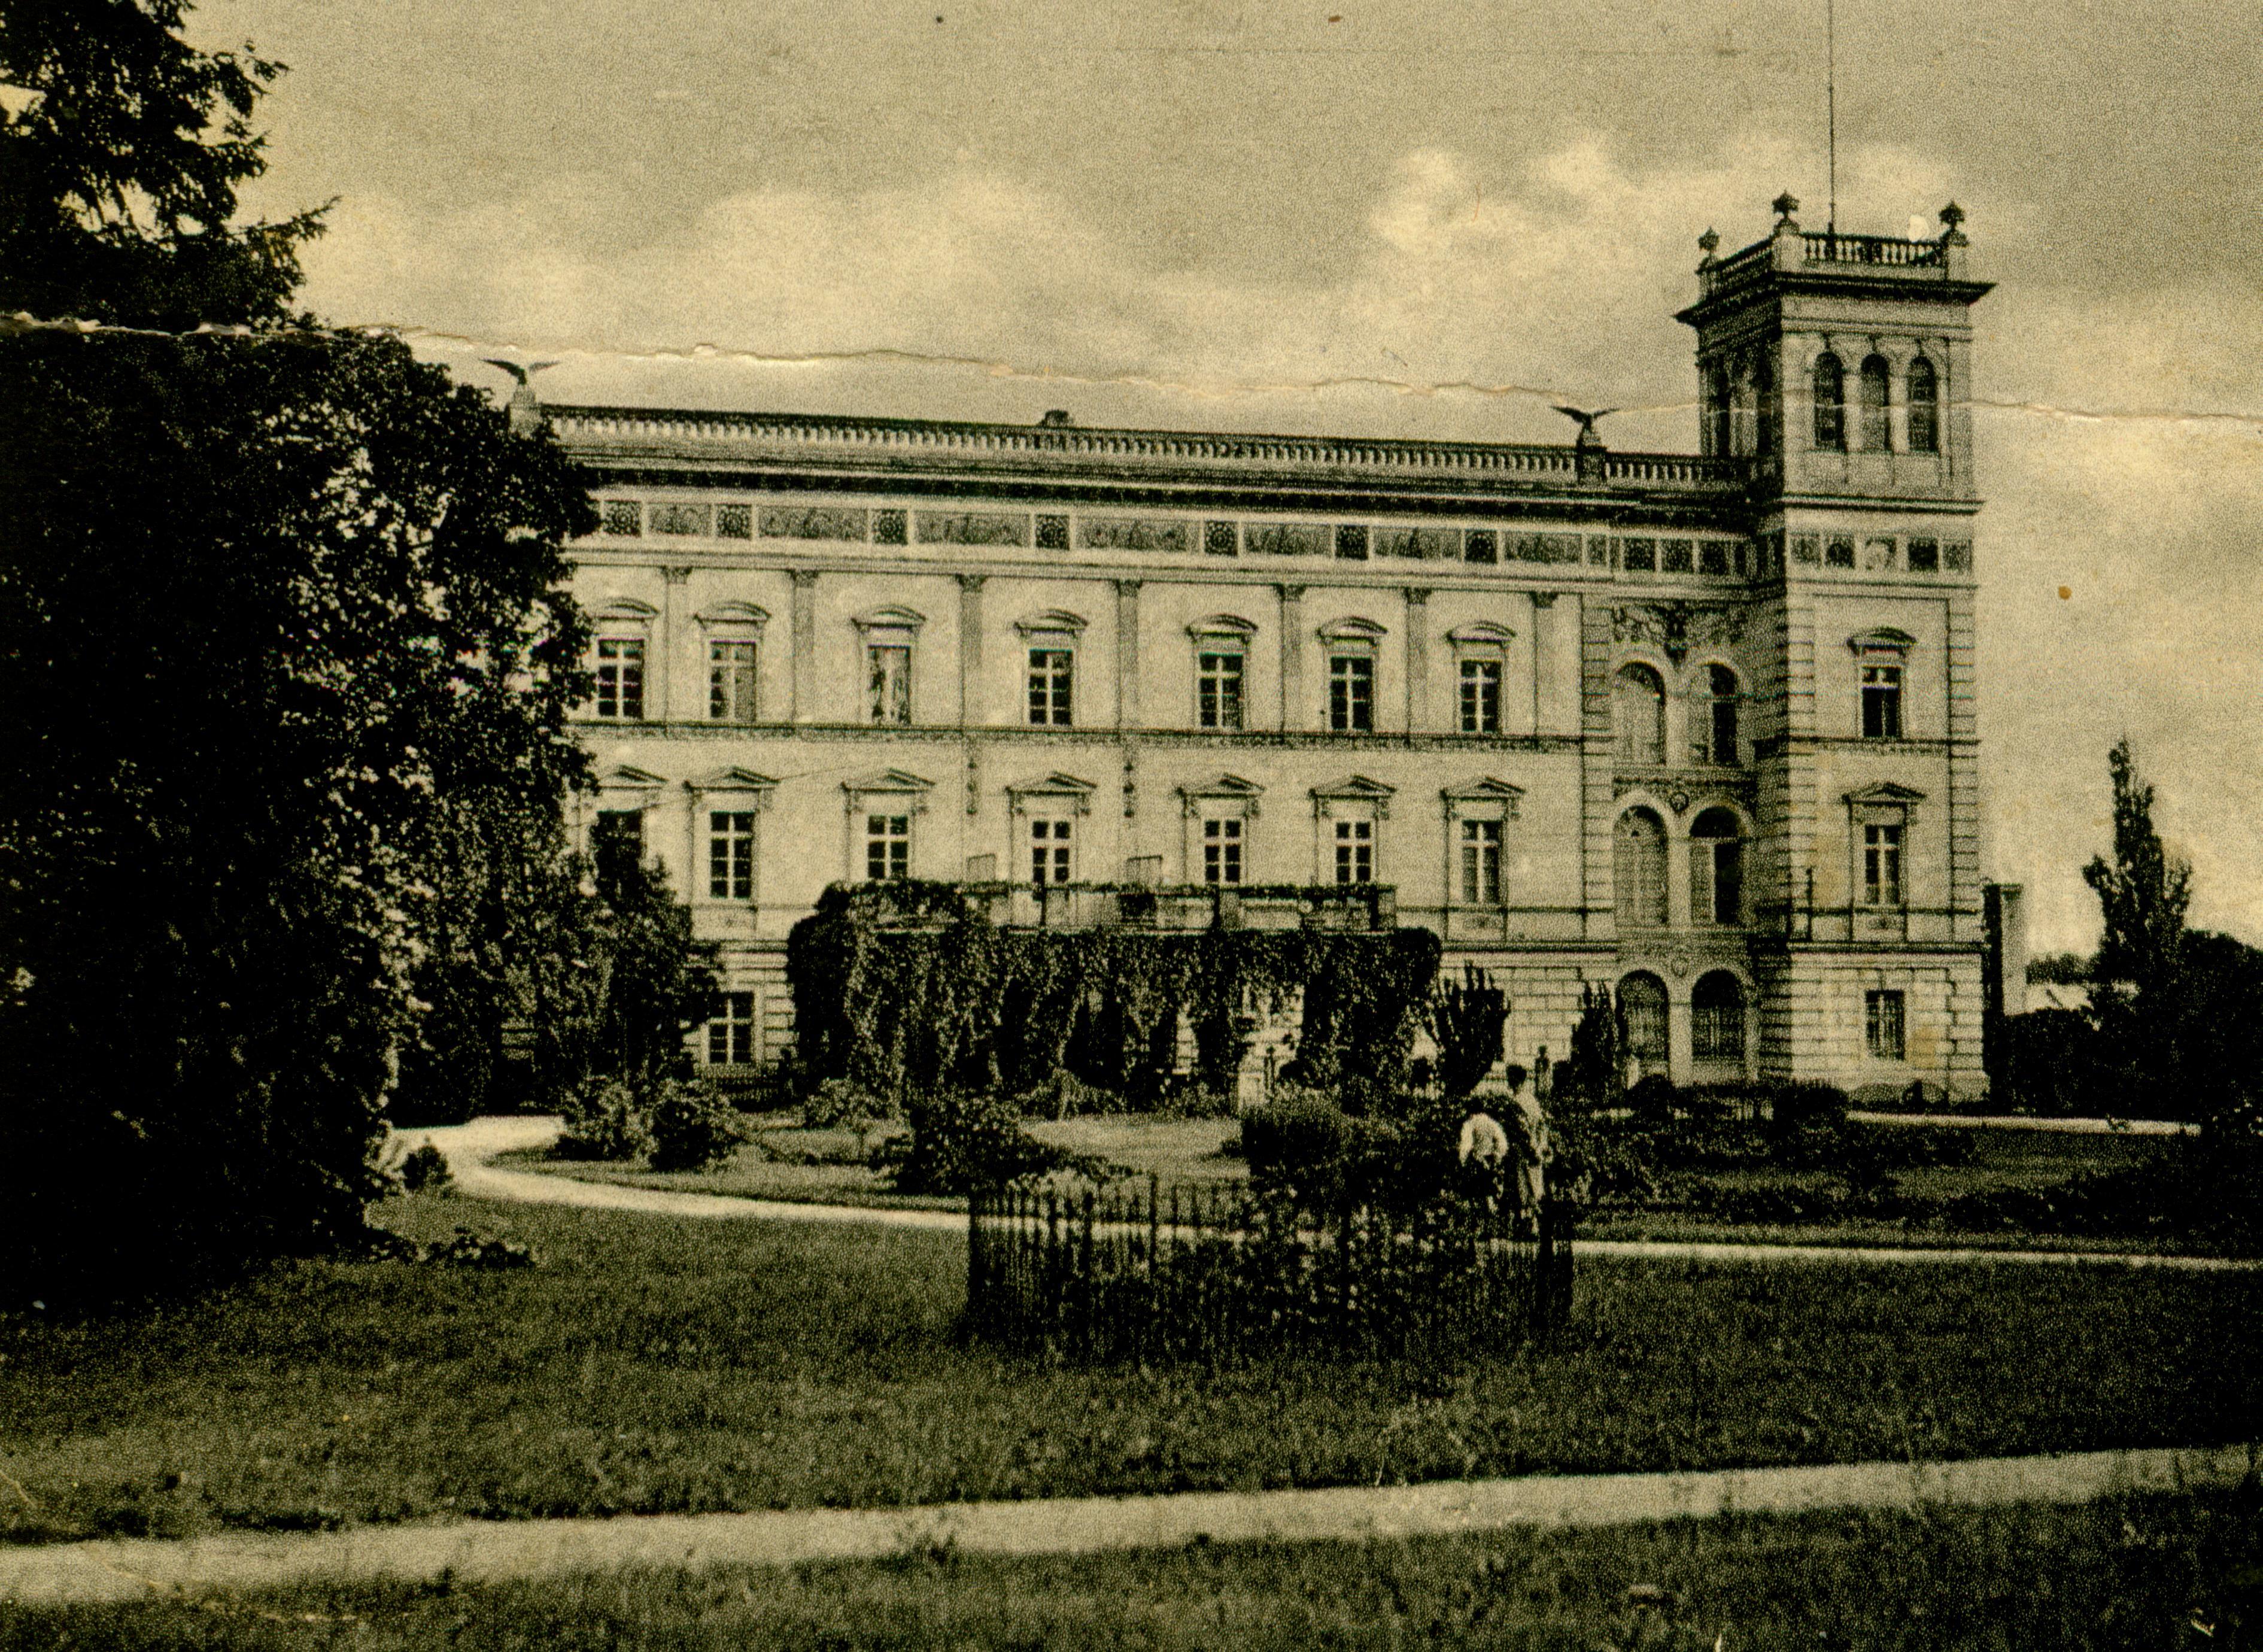 Wyszanów pałac